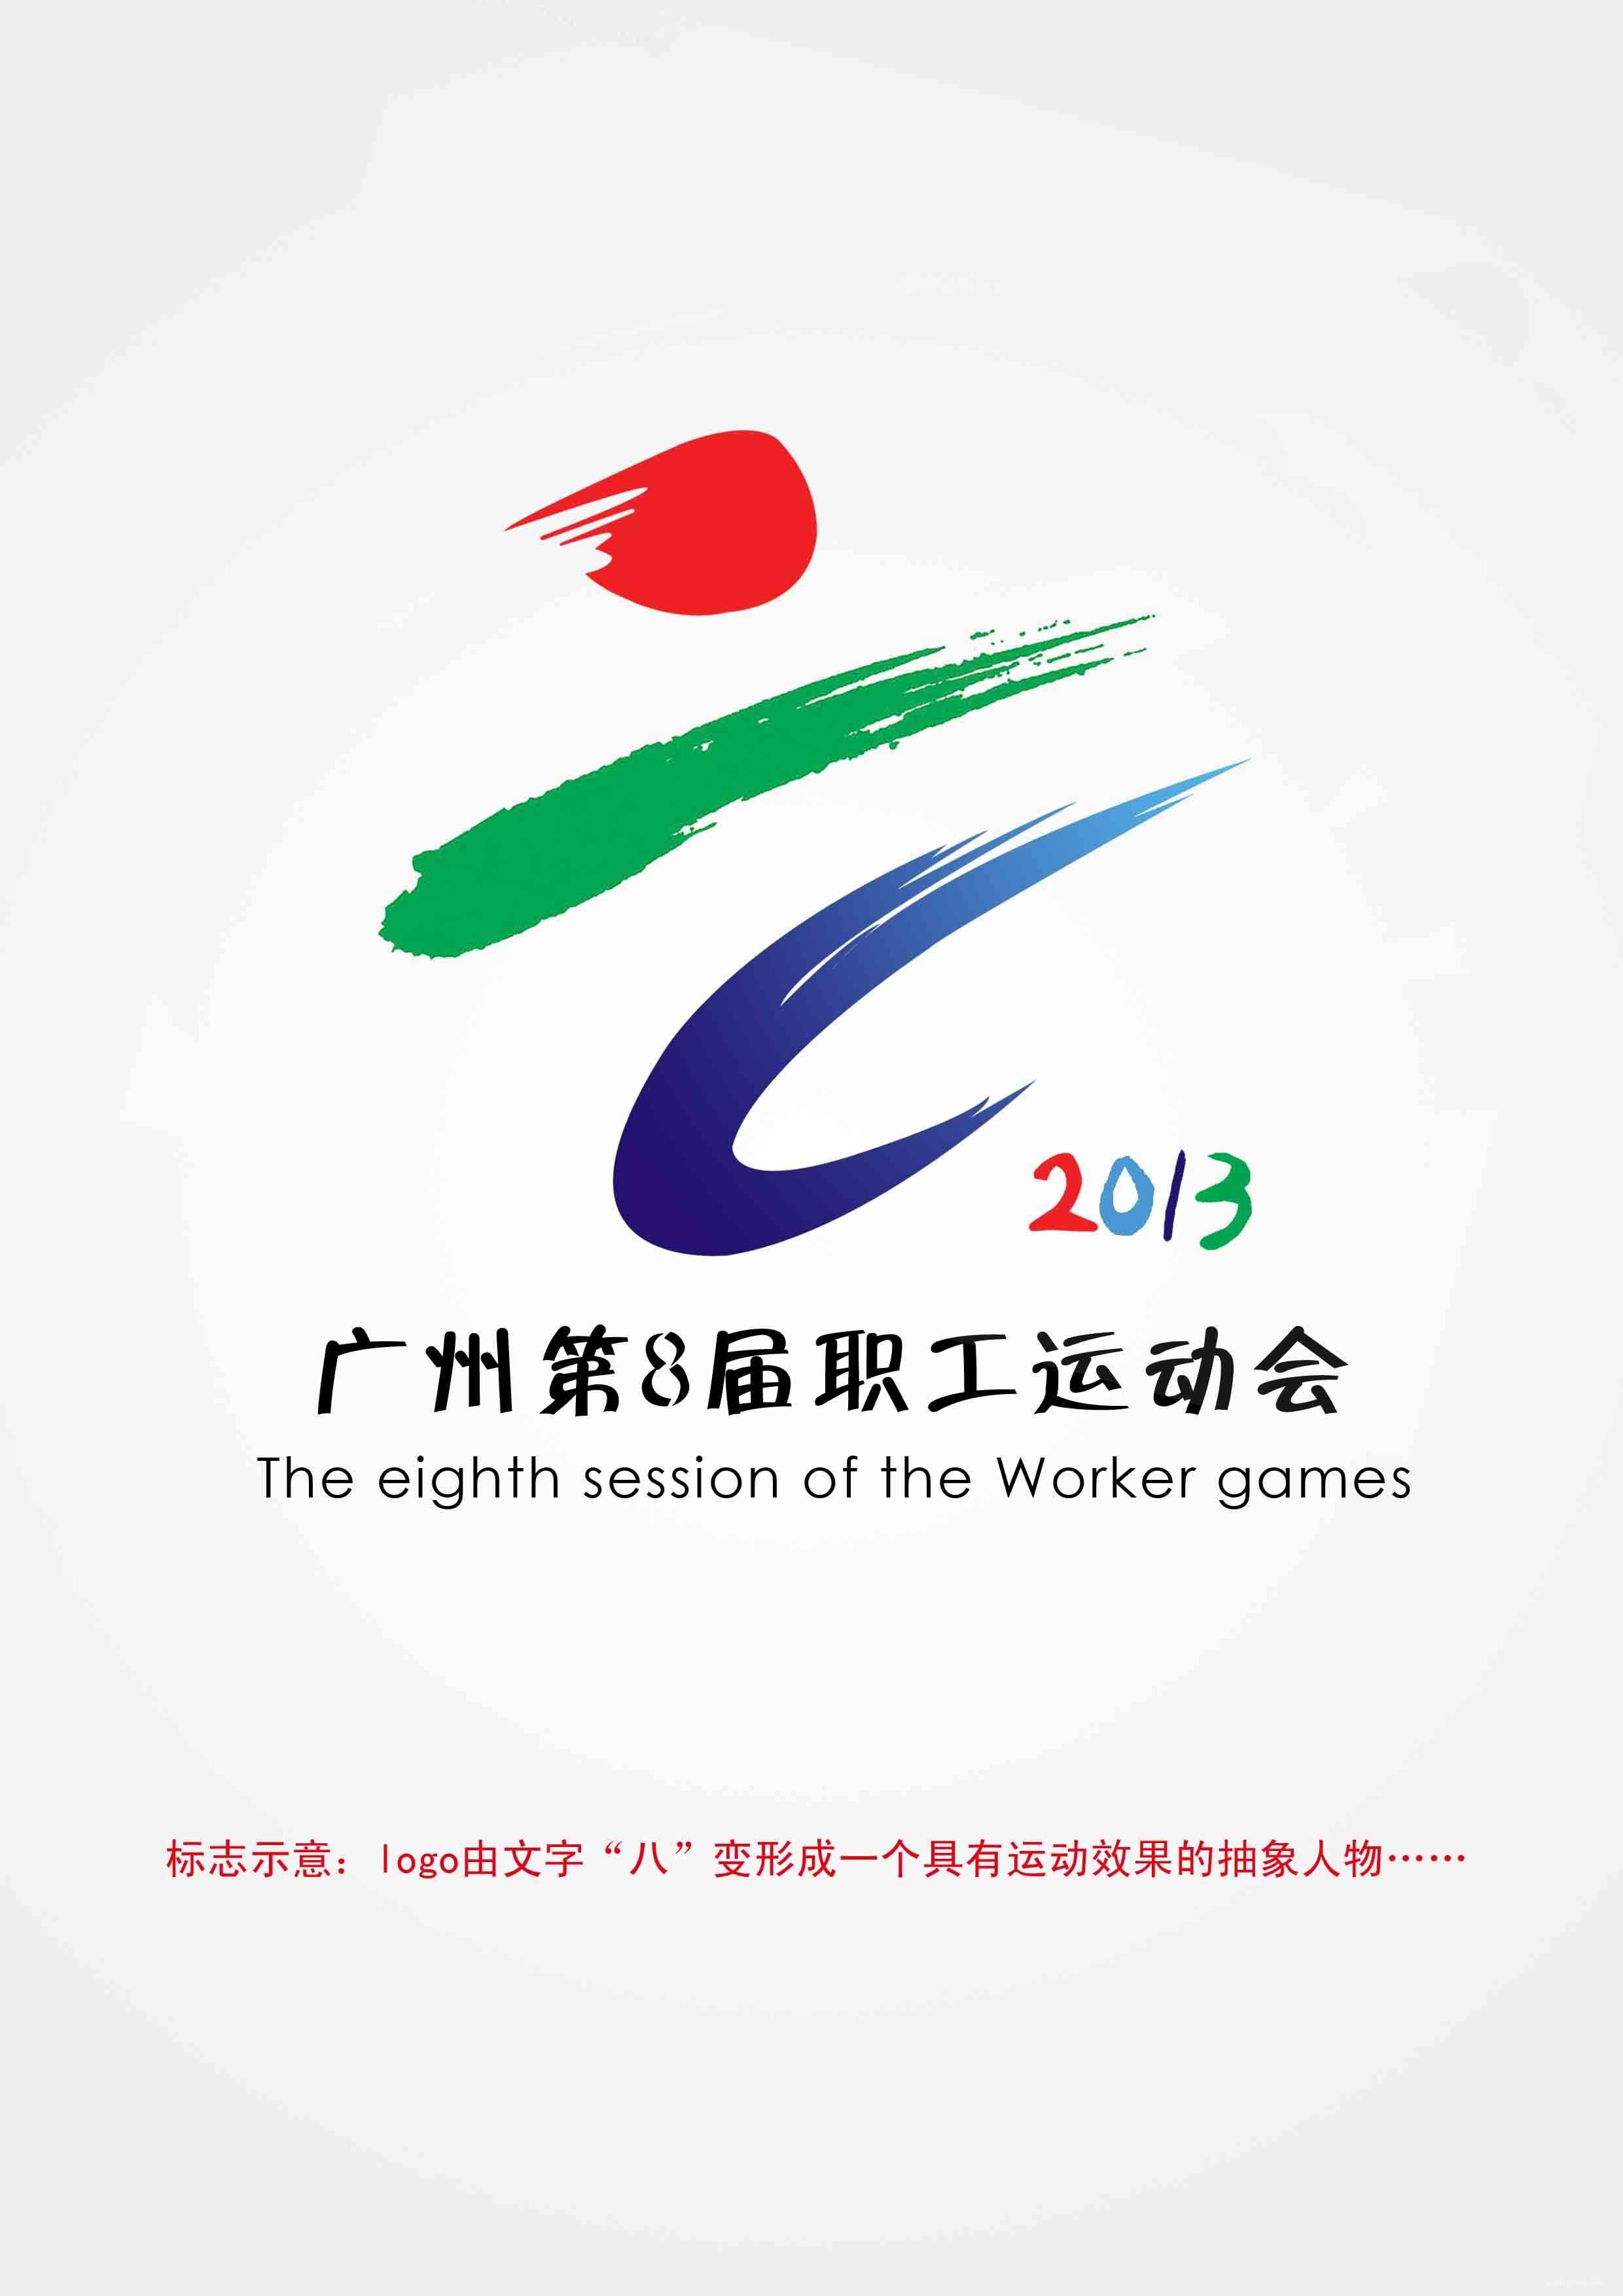 广州市第八届城市职工运动会logo设计